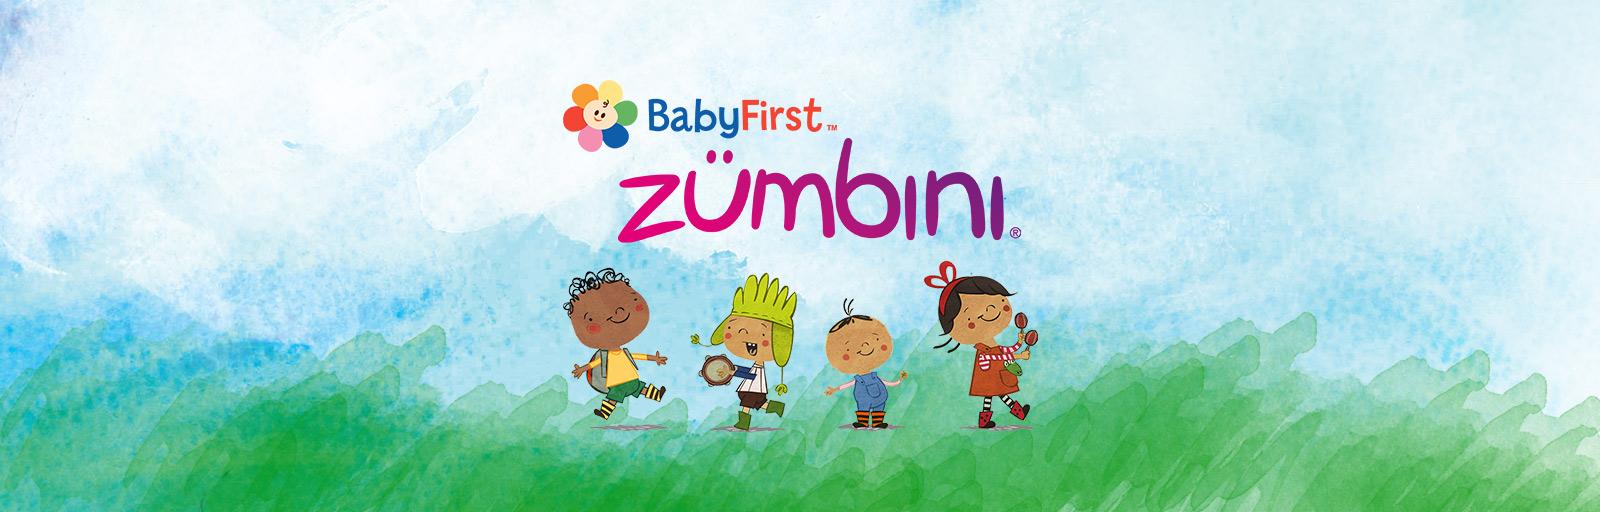 zumbini-webslider-jan2020